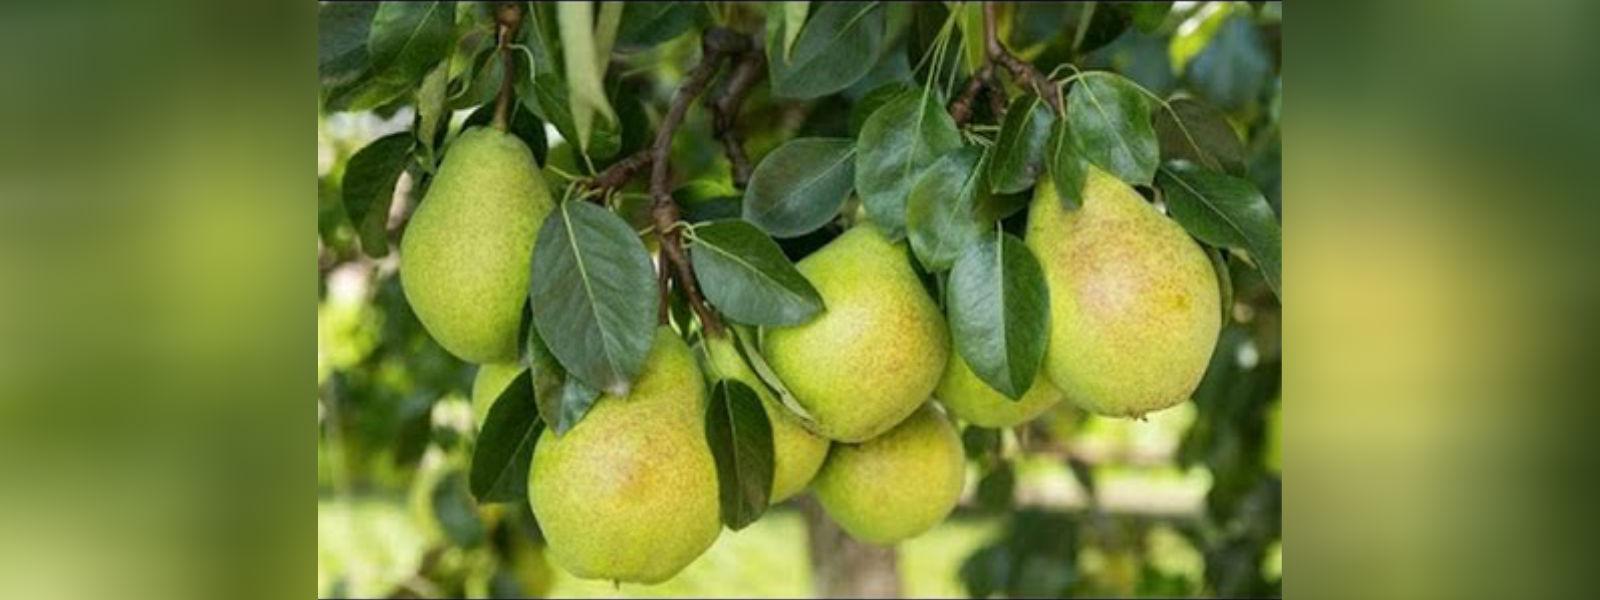 நுவரெலியாவில் Pears செய்கையை விஸ்தரிக்க நடவடிக்கை